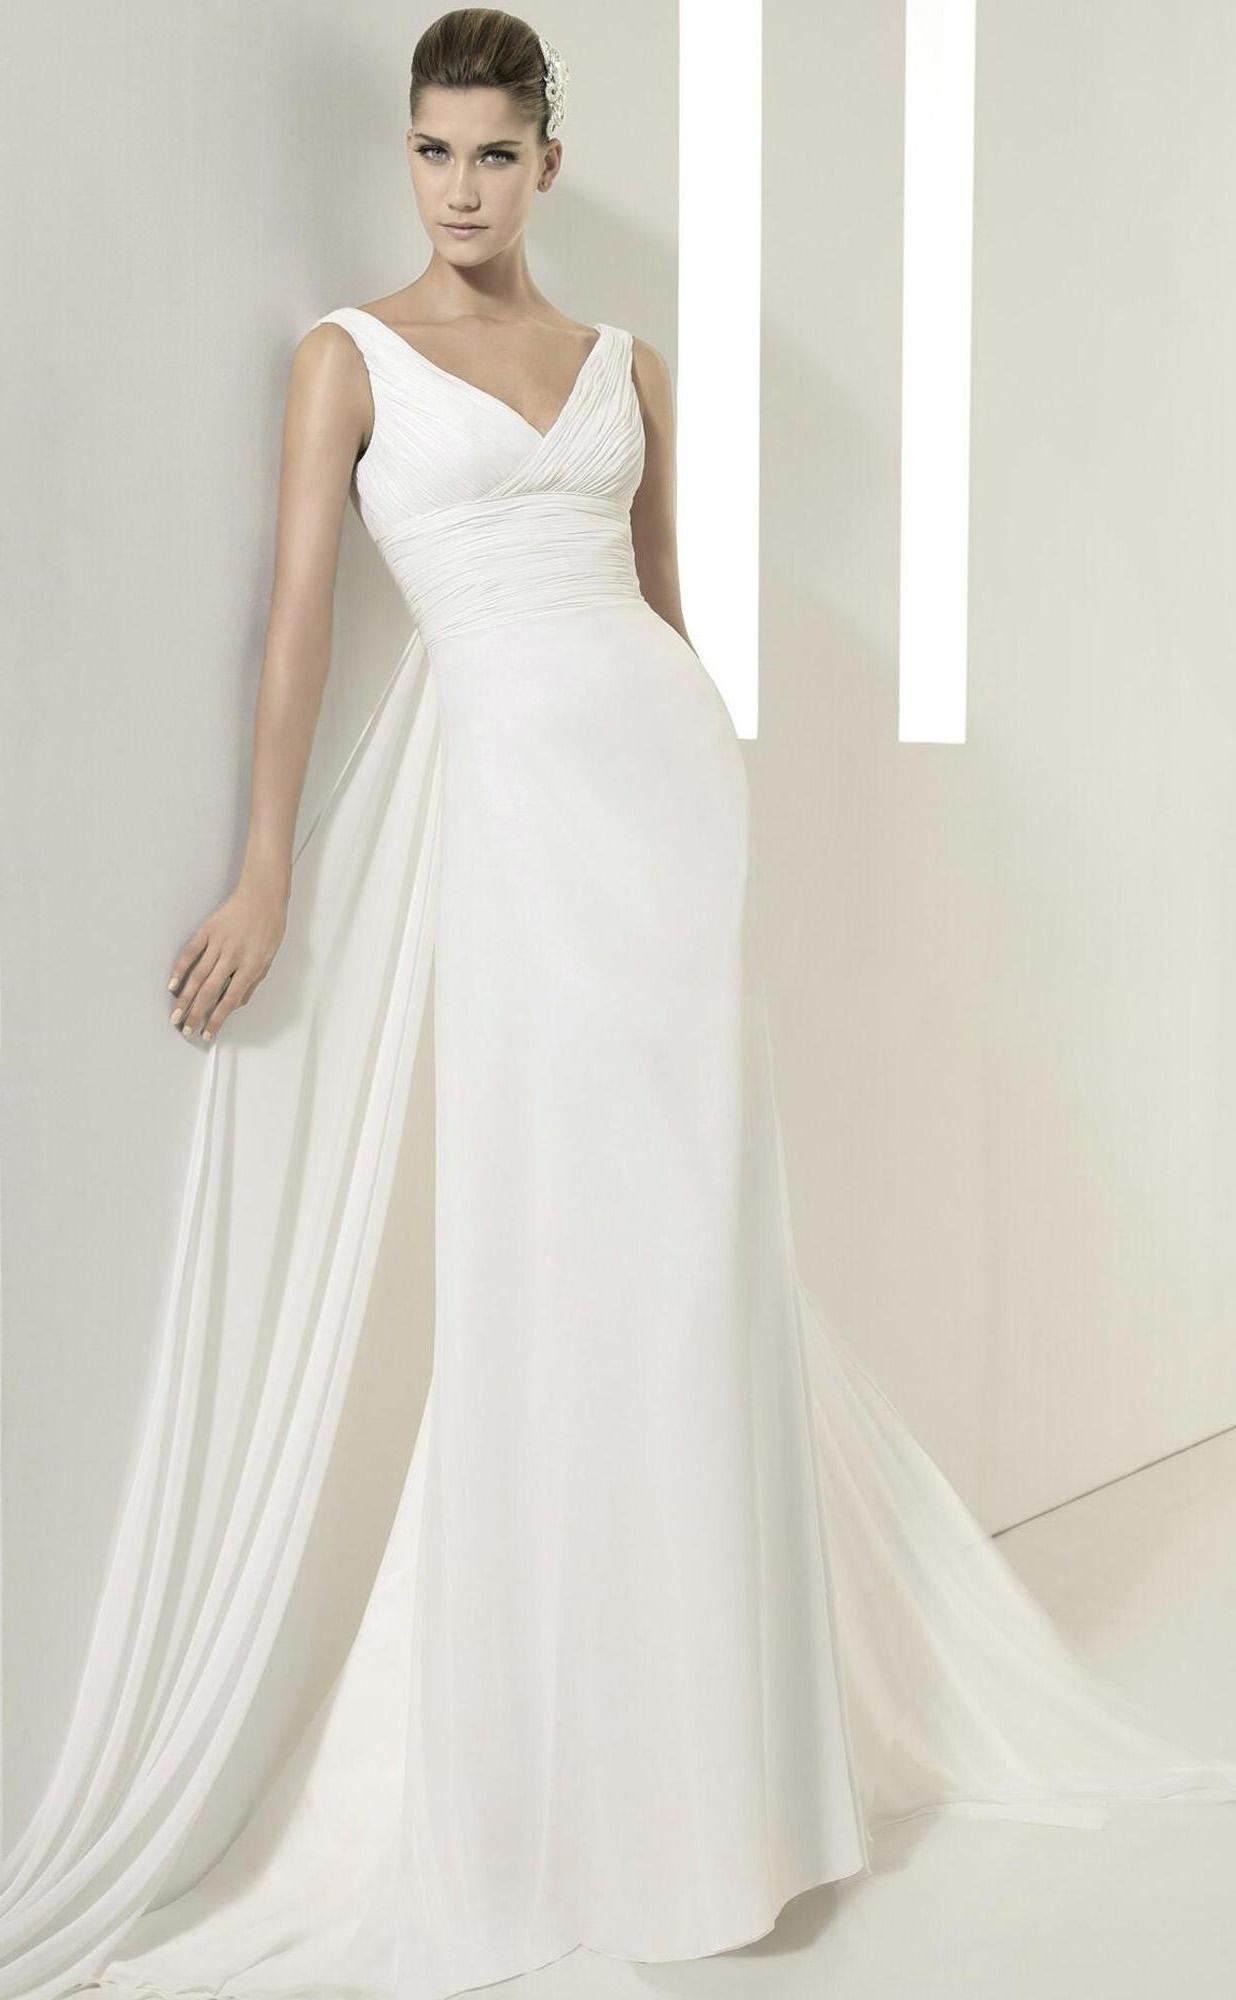 Такое платье хорошо облегает линии фигуры, позволяя скрыть её недостатки, придав очарование и элегантность. Струящийся пояс поможет подчеркнуть лёгкость